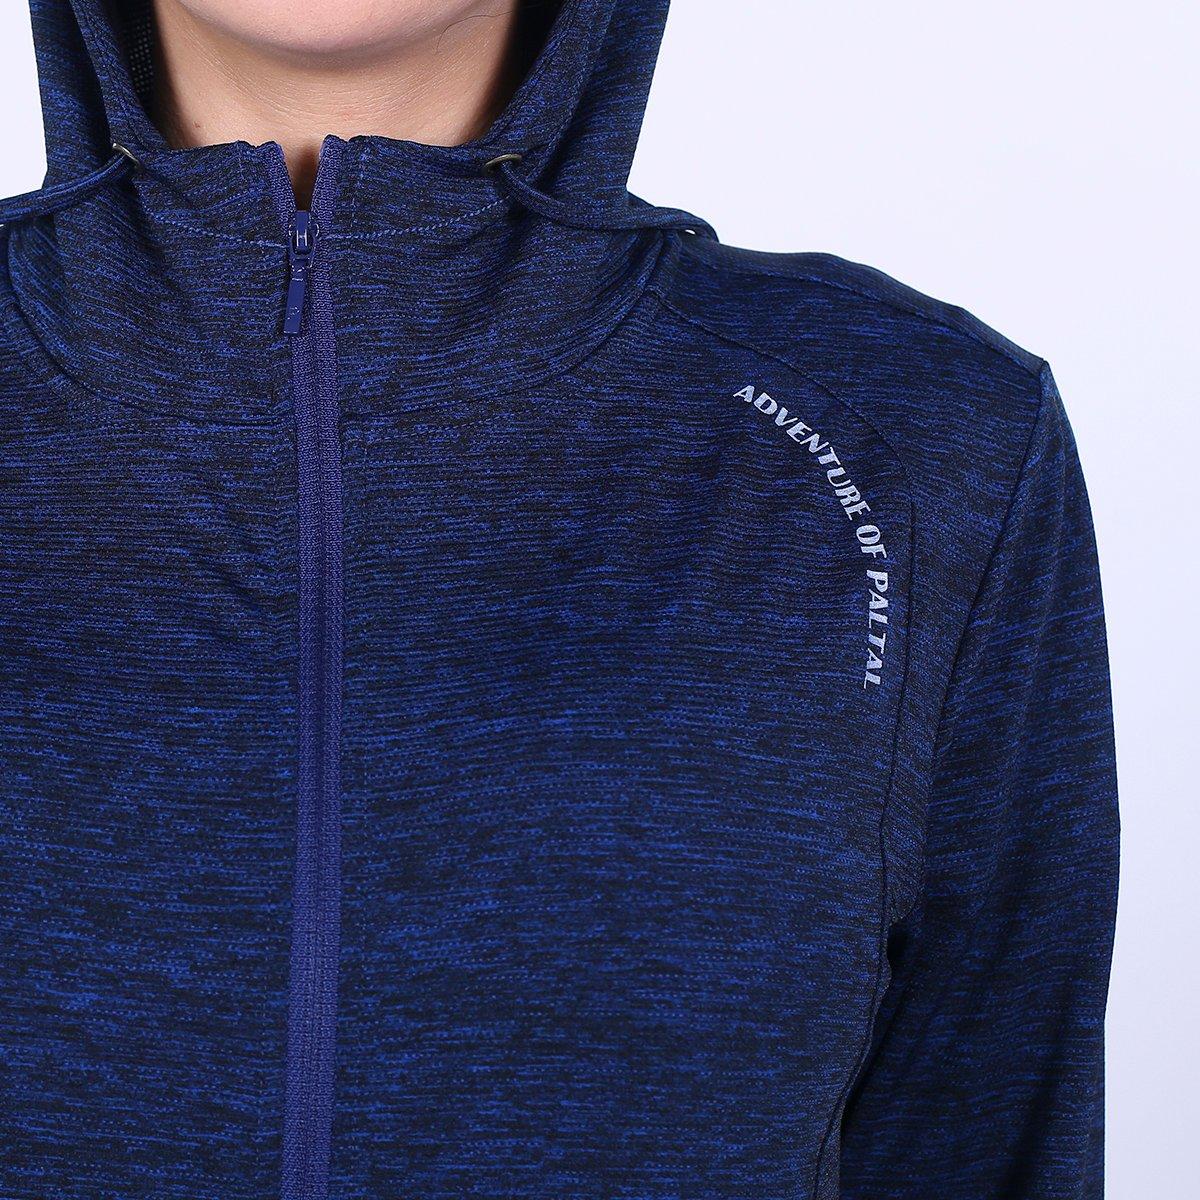 Áo khoác cao cấp có nón chống tia tử ngoại uv paltal acncc 341p 1102